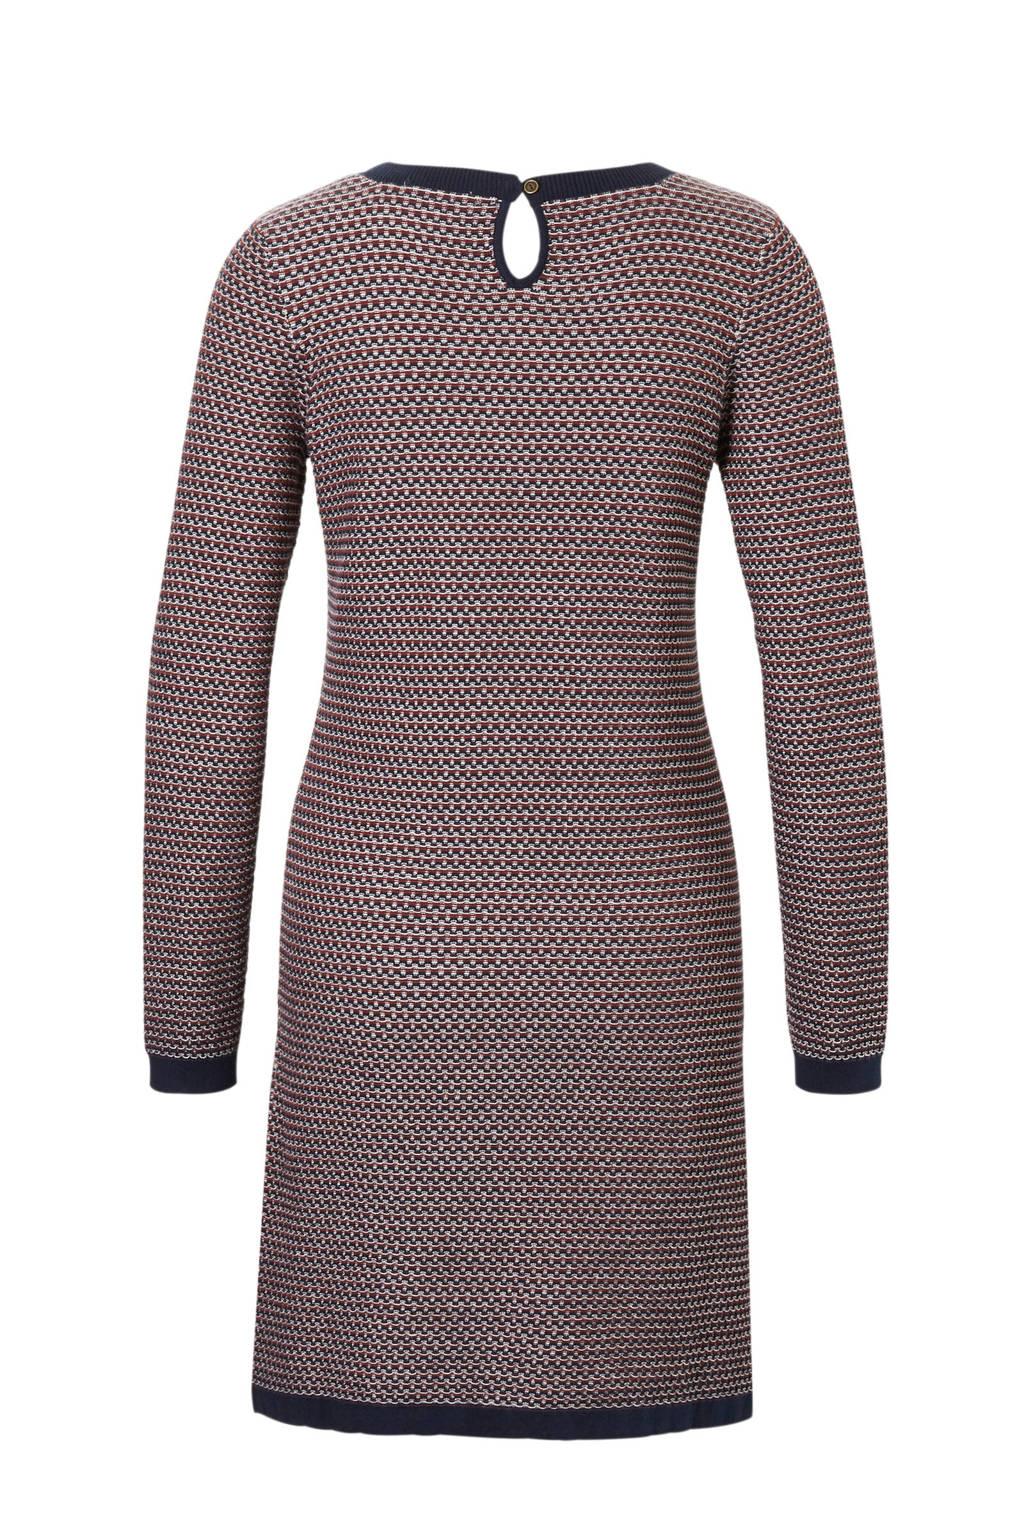 edc Women jurk met all over print, Blauw/rood/wit